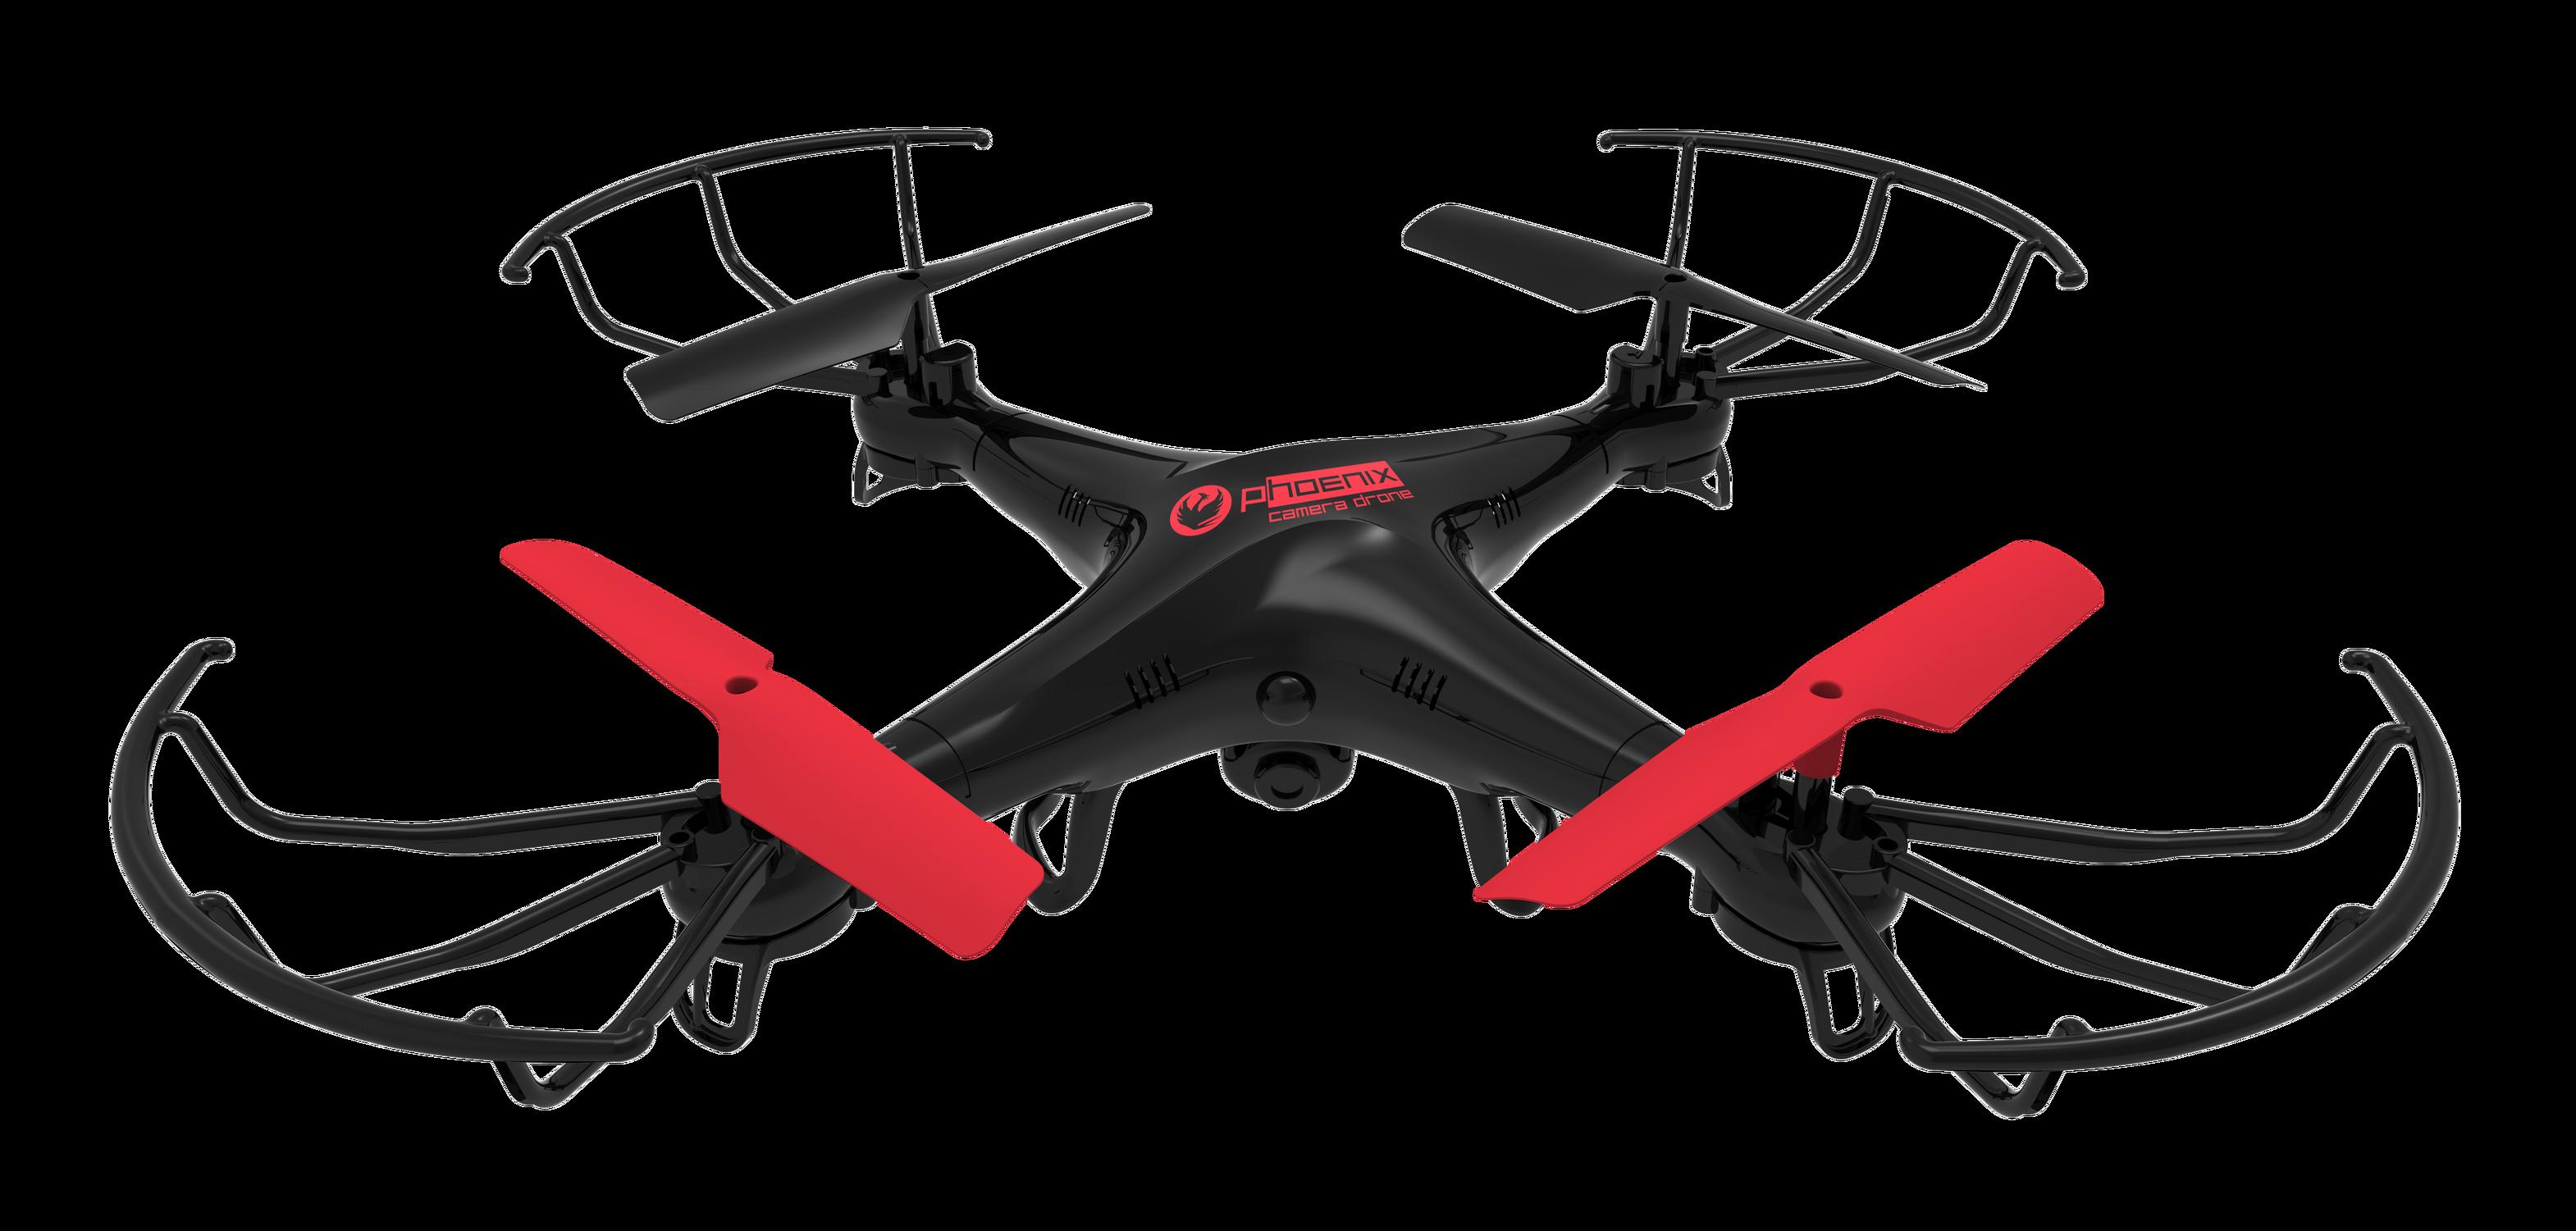 I migliori droni economici presenti sul mercato: la classifica